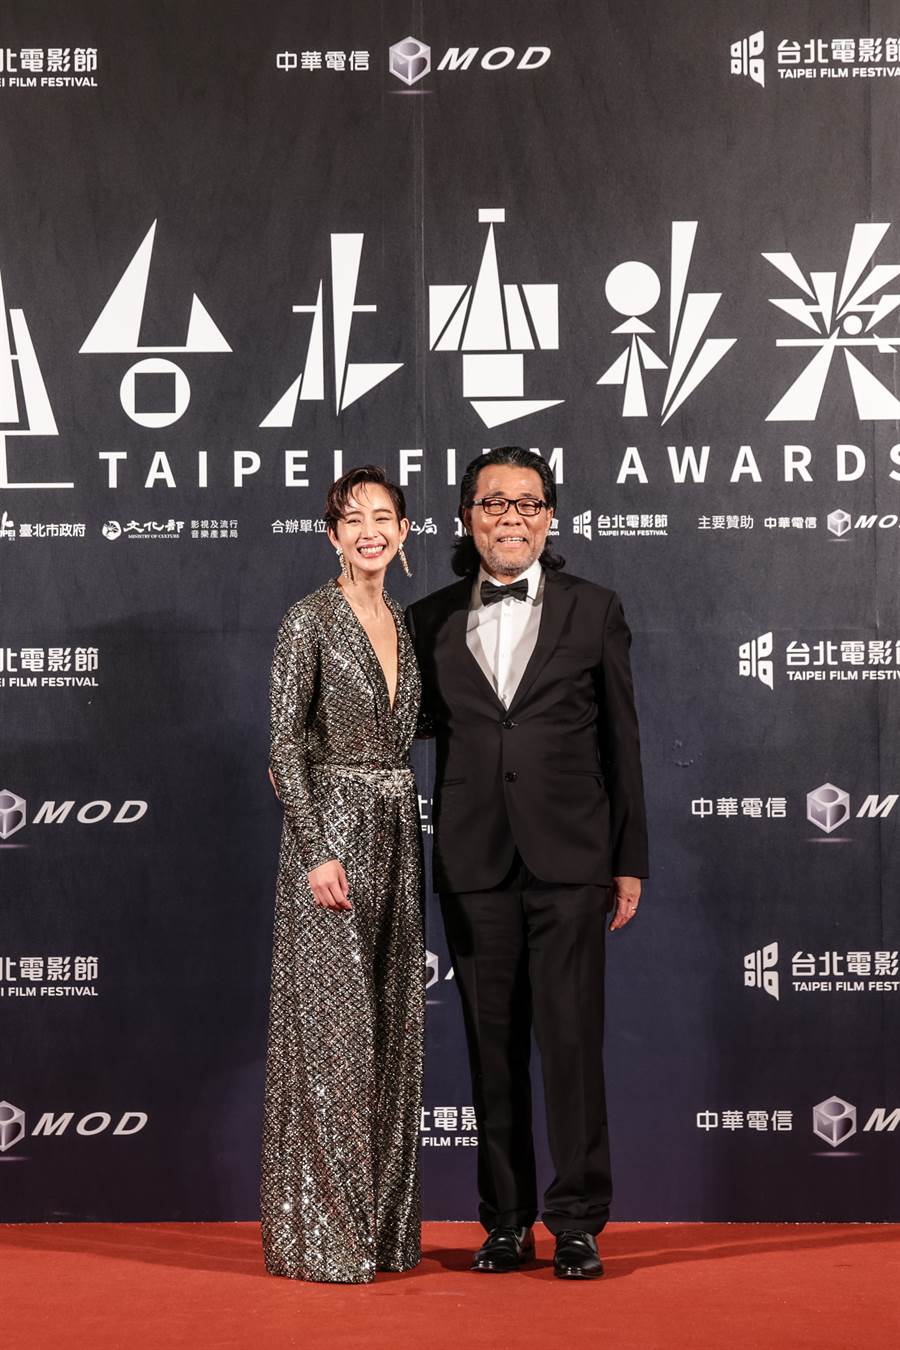 張鈞甯與台北電影節主席李屏賓。(台北電影節提供)